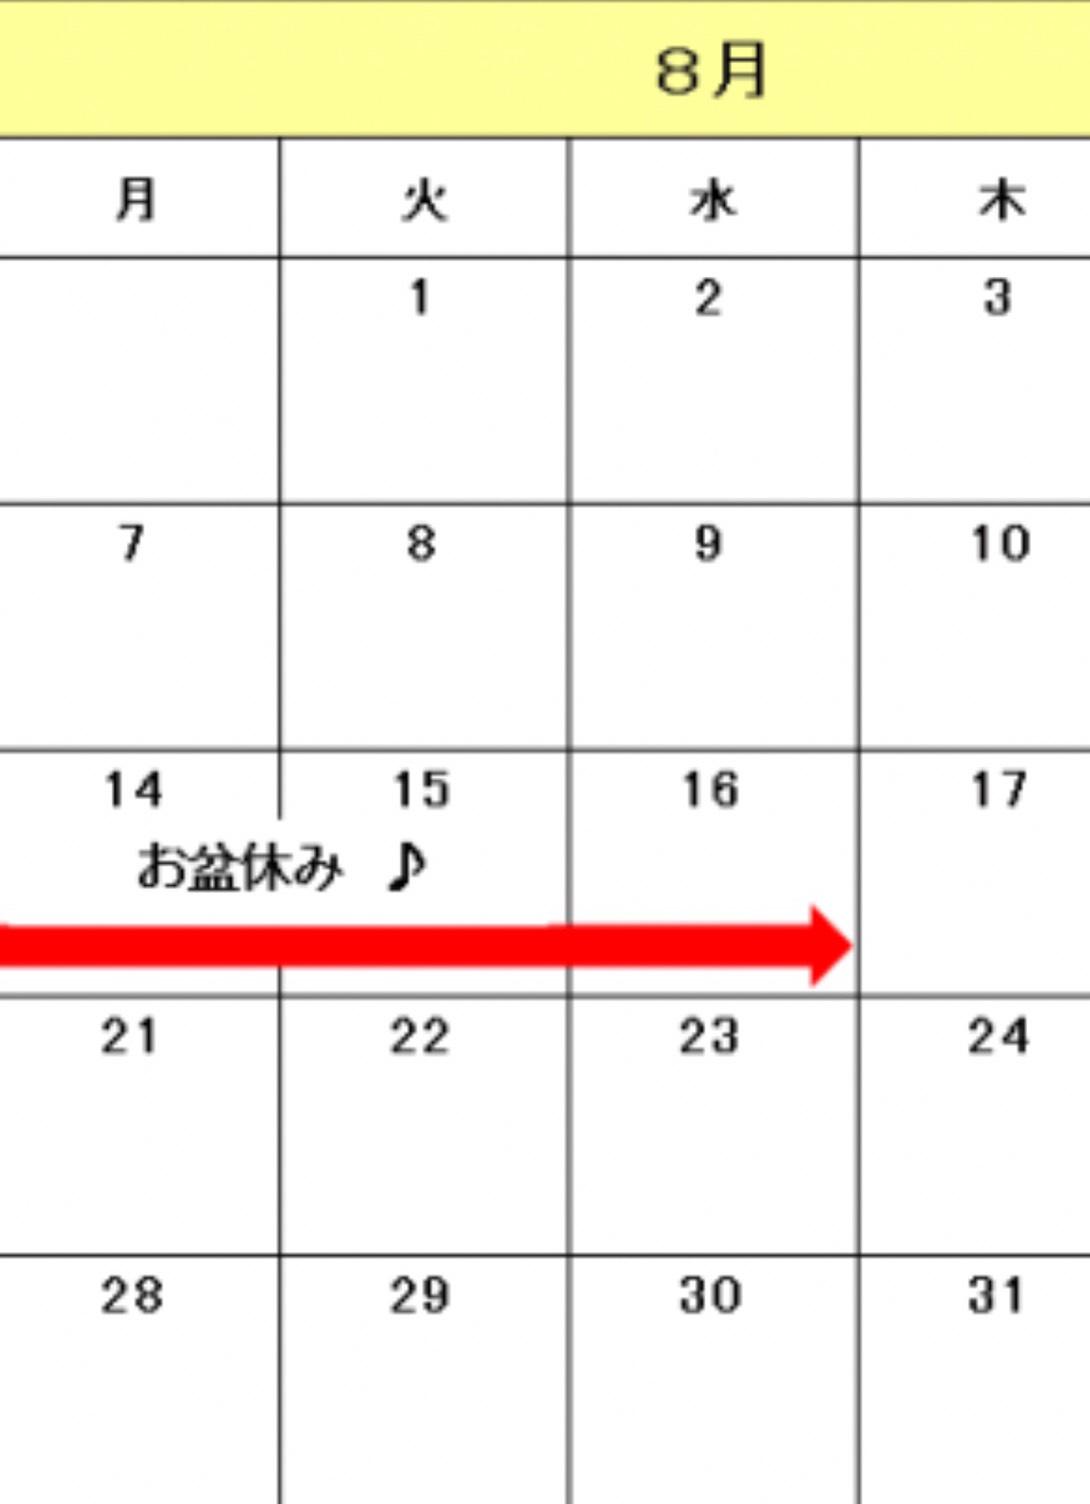 【お盆休みのお知らせ】【夏カラー】【アッシュ】【ピンク】【ヘアカラー】